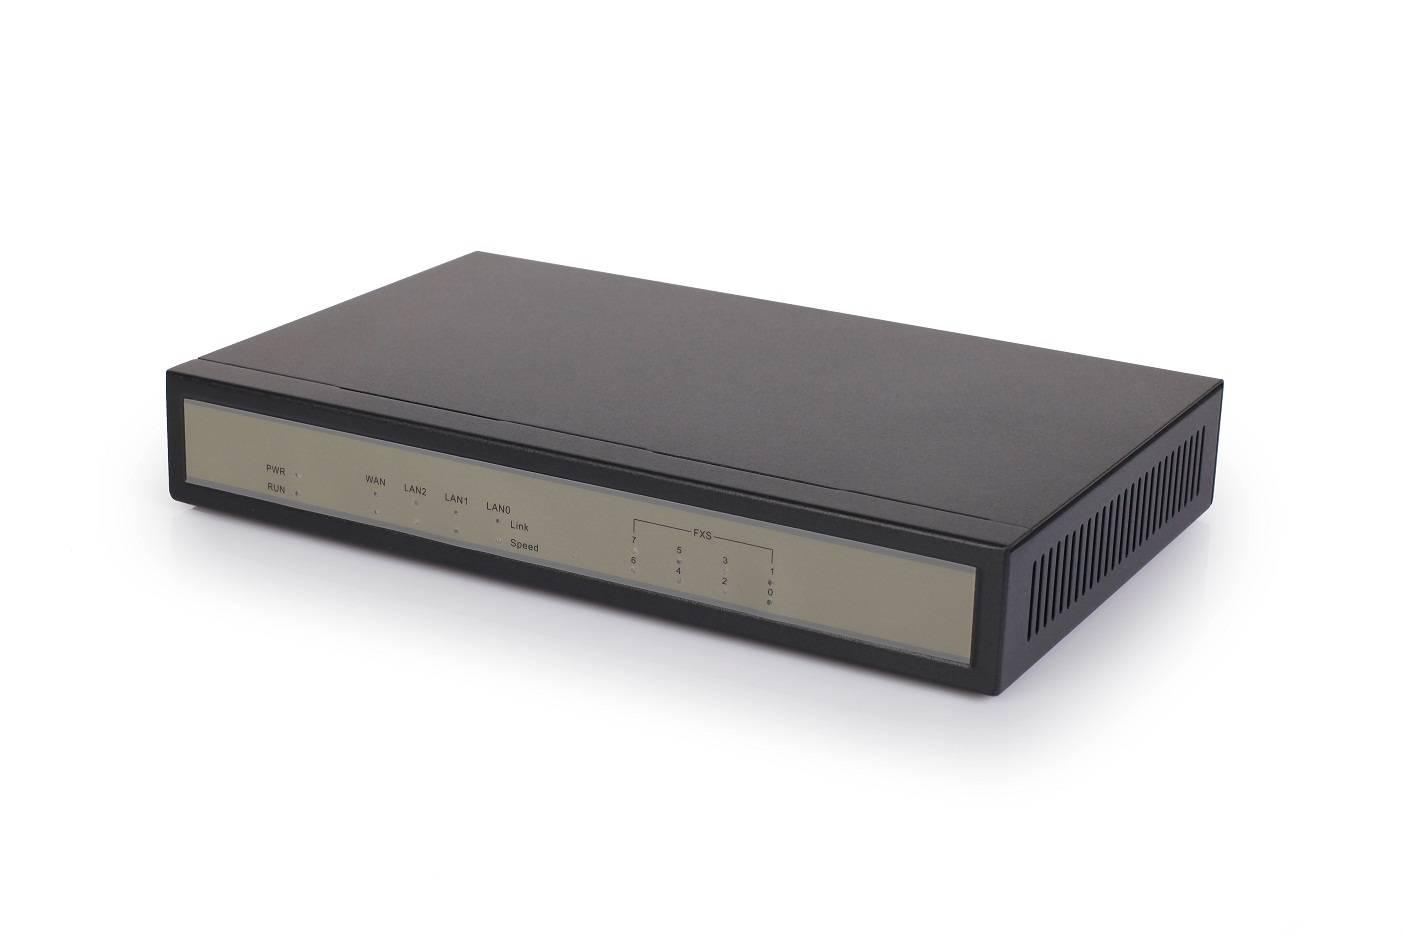 1/2/4/8 FXS Analog VoIP Gateway